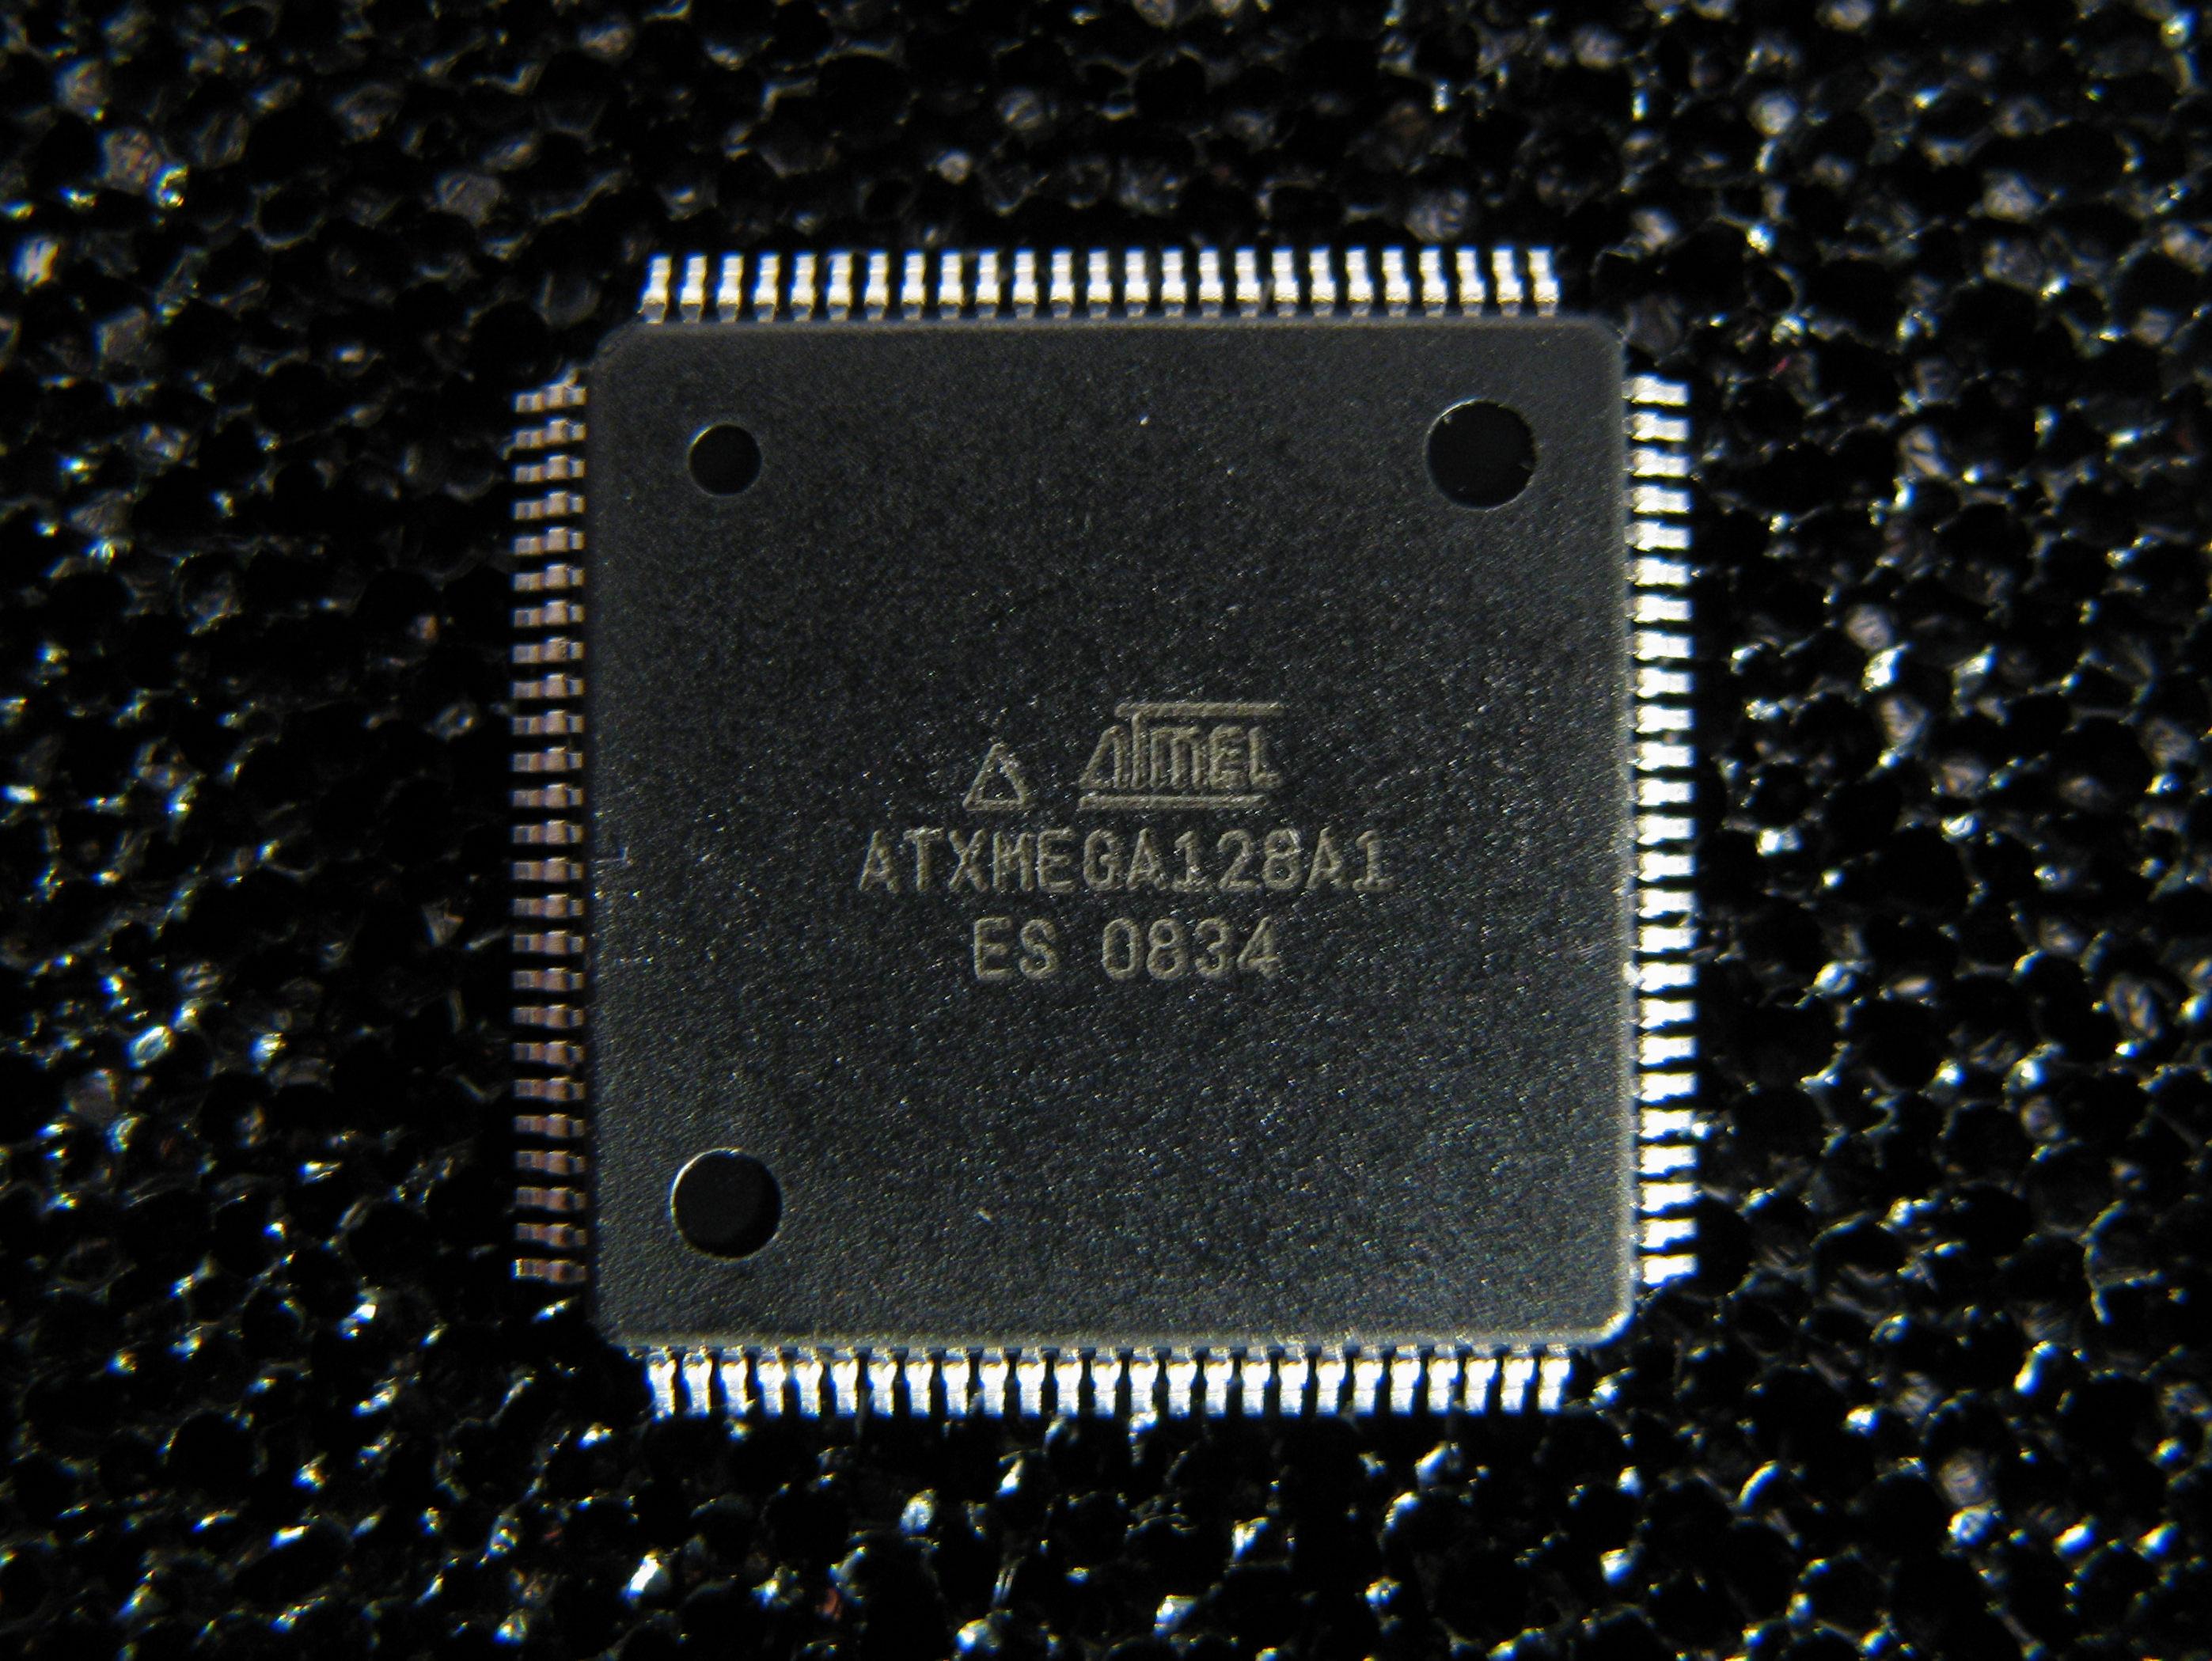 Microchip Avr Wikipedia Atmel Mcu Family Expanded Xmegabearbeiten Quelltext Bearbeiten